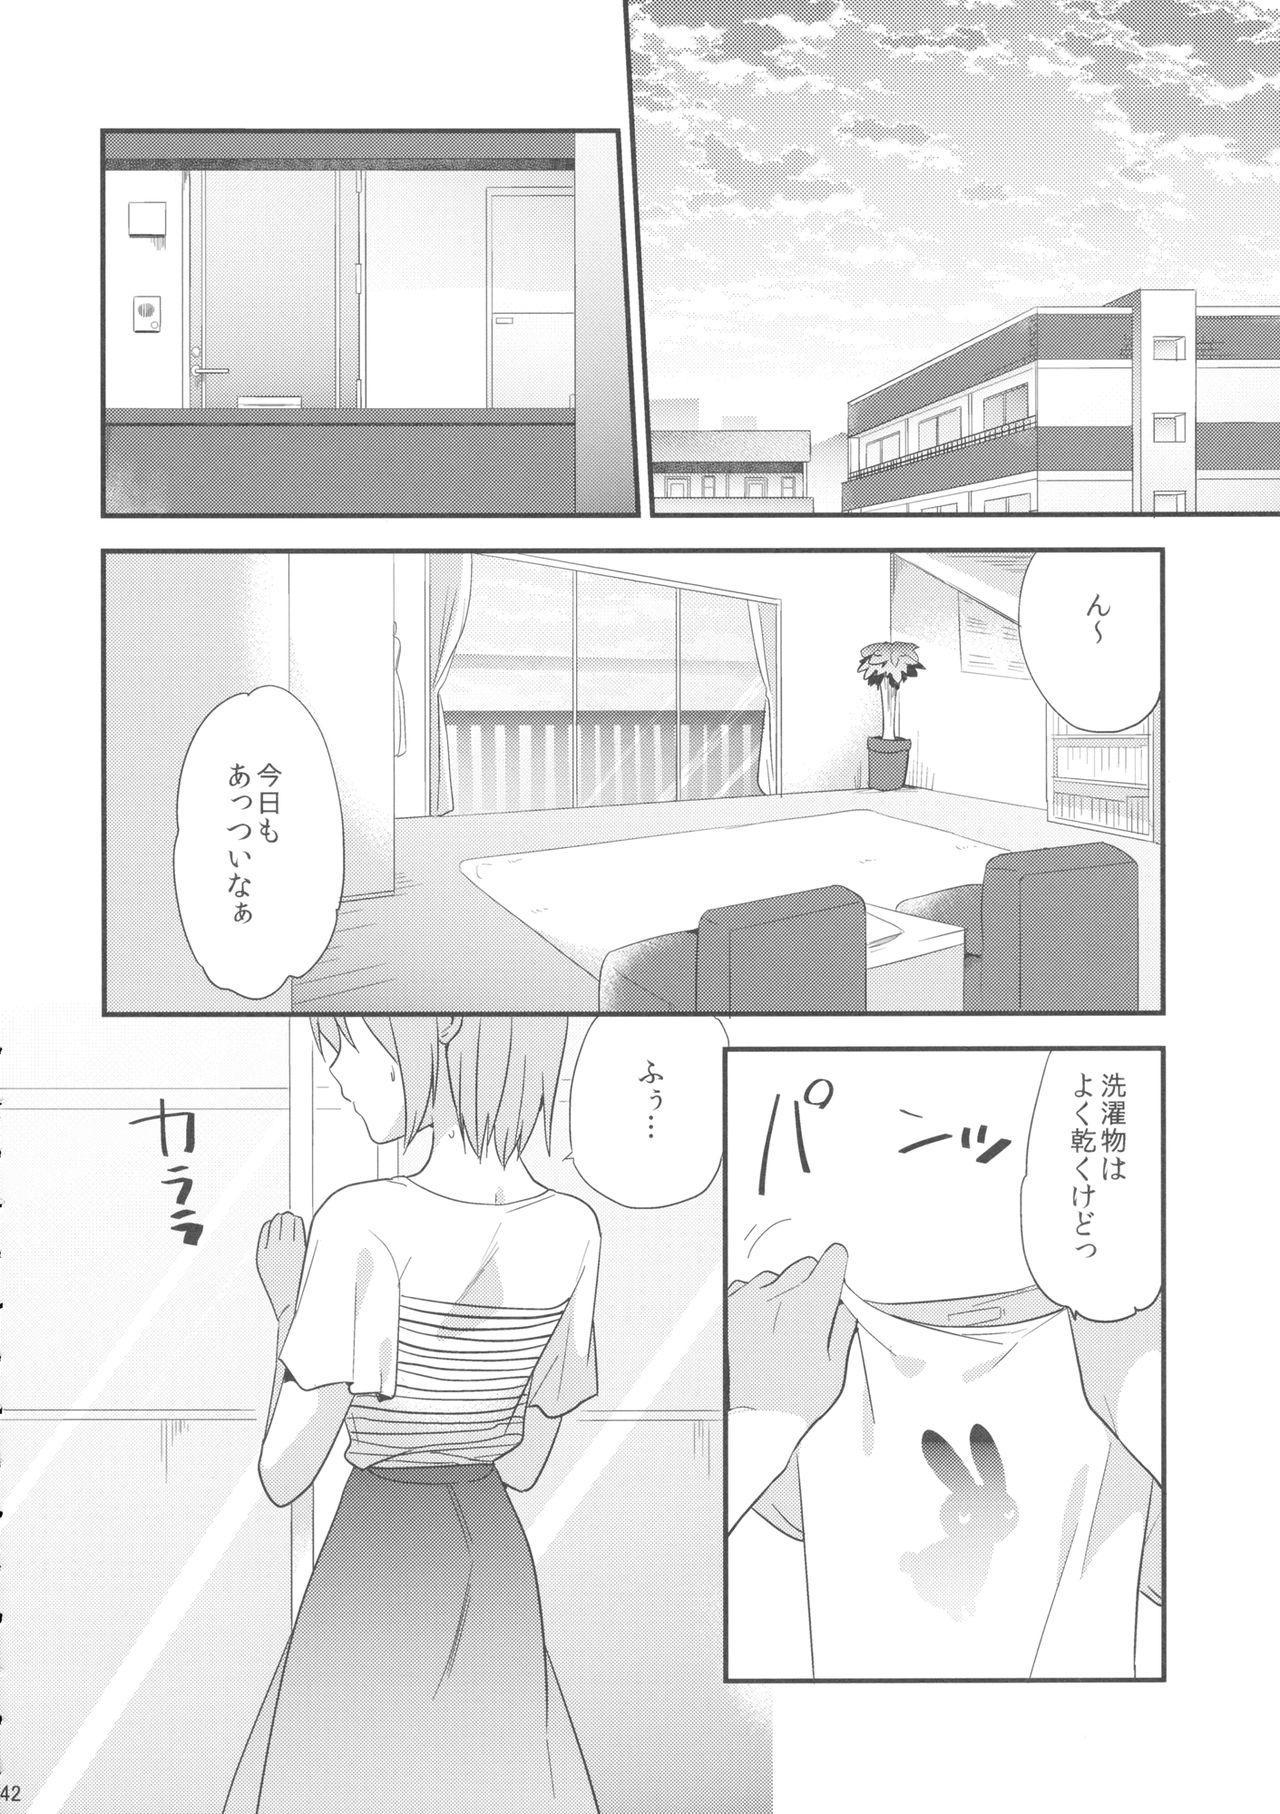 if Kanzenban 40